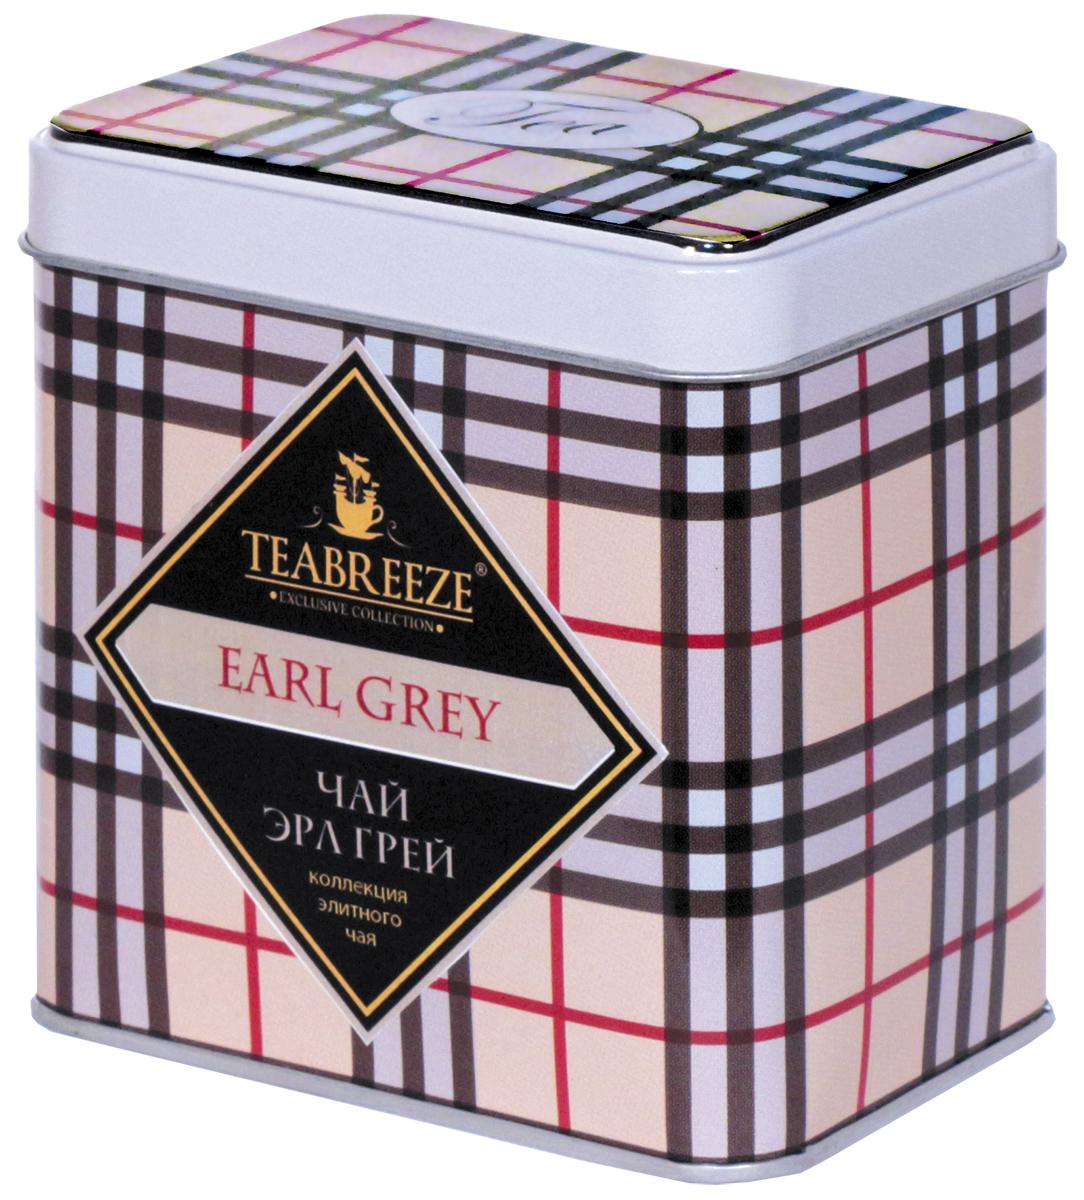 Teabreeze Эрл Грей чай черный ароматизированный (прямоугольная), 100 гТВ 3006-100TEABREEZE. Чай в подарочной жестяной банке. Английская традиция ароматизировать чай бергамотом насчитывает, без малого, вот уже 300 лет. Именно тогда появился «Earl Grey» - чайный напиток с запахом цитрусовых, который давно уже стал классикой не только в дневном чаепитии Великобритании, но и полюбился людям во многих странах. Его вкус напоминает чай с лимоном, однако он значительно мягче, в нем совсем не ощущается кислоты. Наоборот, напиток из пропитанного маслом бергамота чайного листа оставляет на языке пряный и мягкий след. «Earl Grey» изготовлен из чайного листа высшего сорта с добавлением натурального масла бергамота и замечательно подходит для любого чаепития.